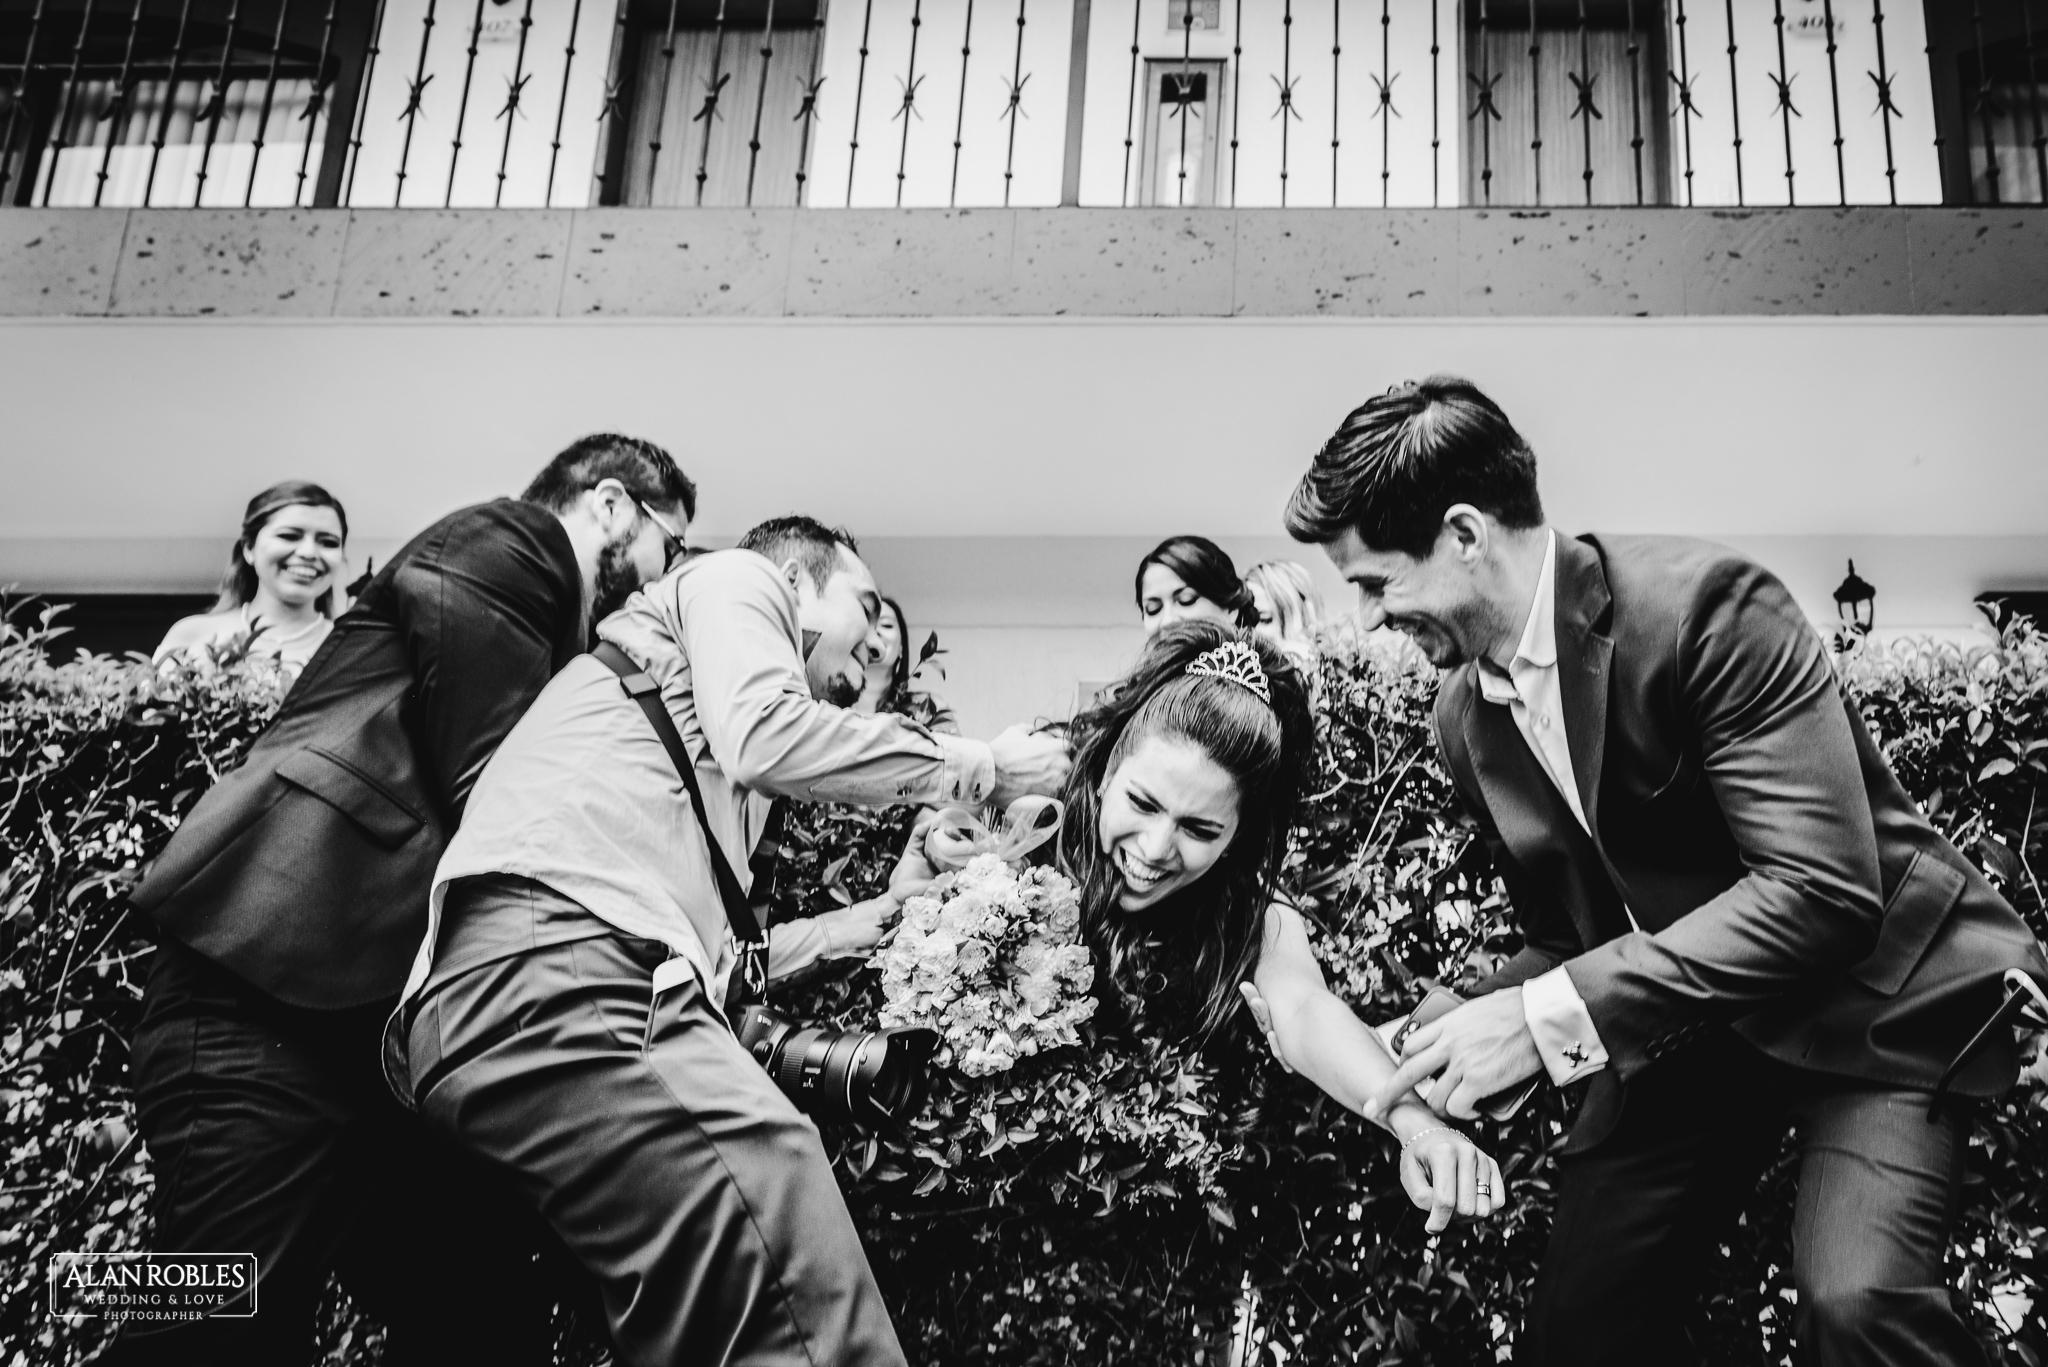 Wedding Moments. Momentos divertidos en boda. Sesion con damas de honor. Humor, novia cae en arbustos. Fotografo de bodas Alan Robles Wedding & Love Photographer.